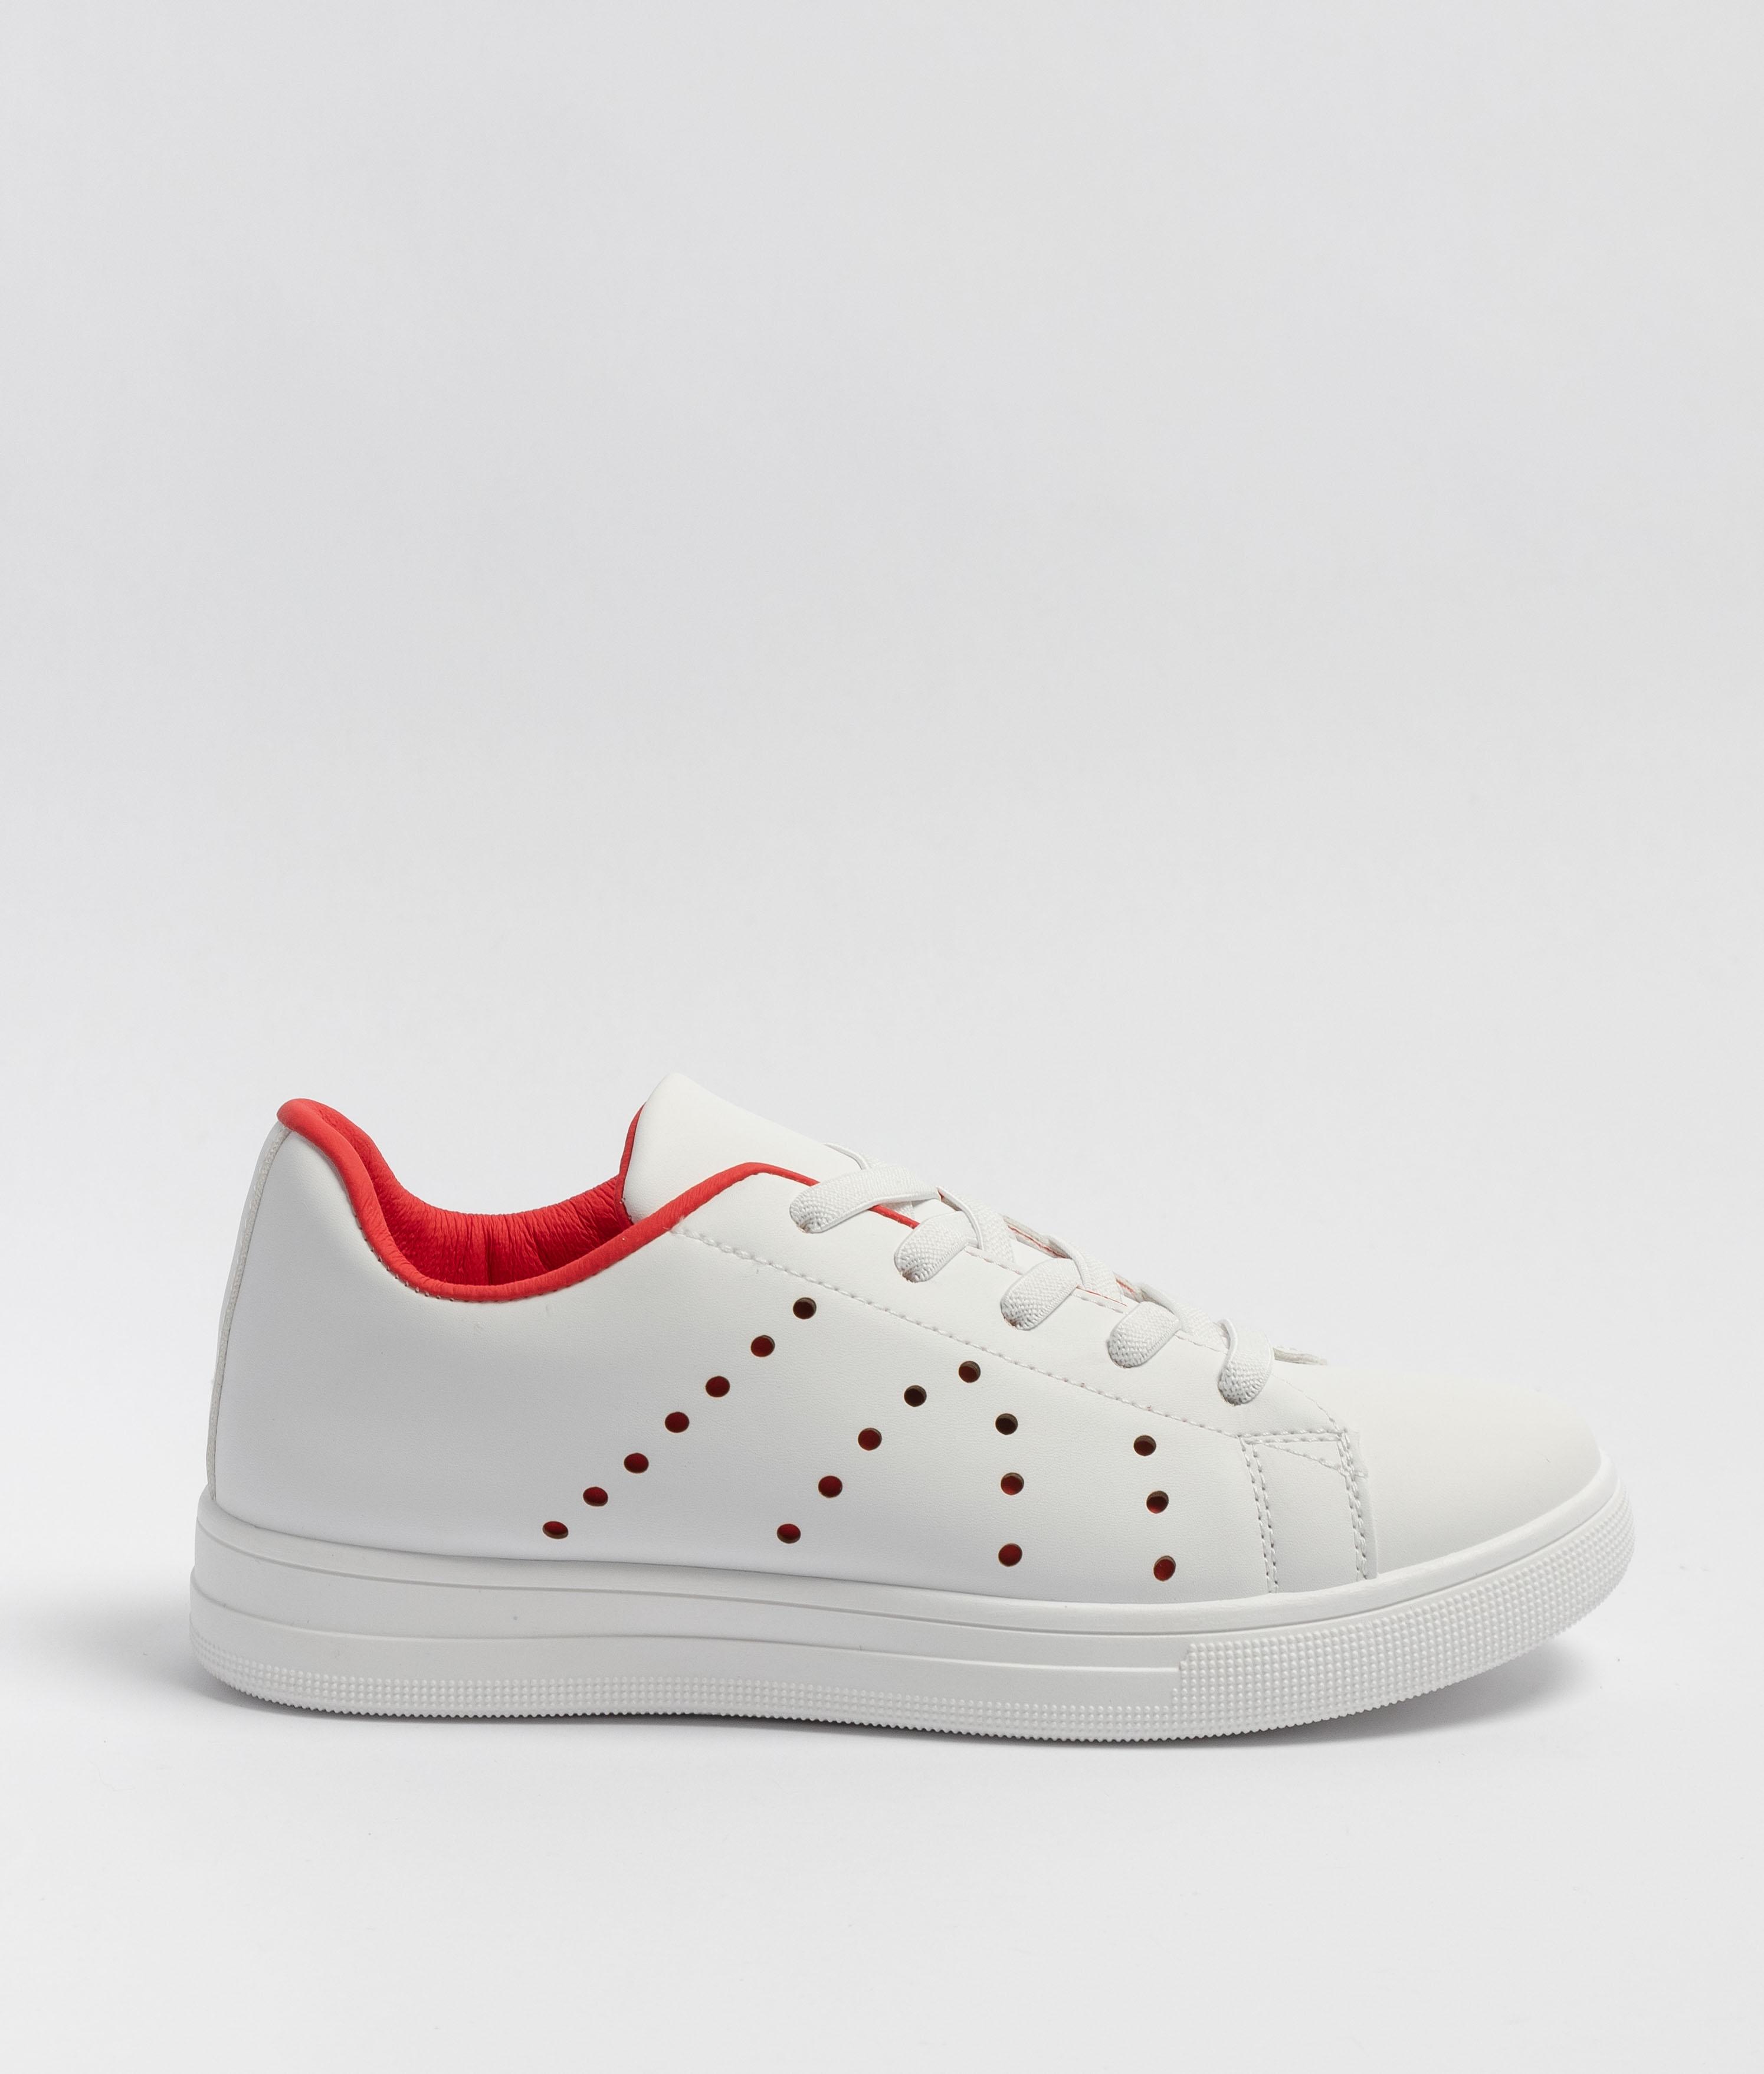 Sneakers Atelier - Rojo